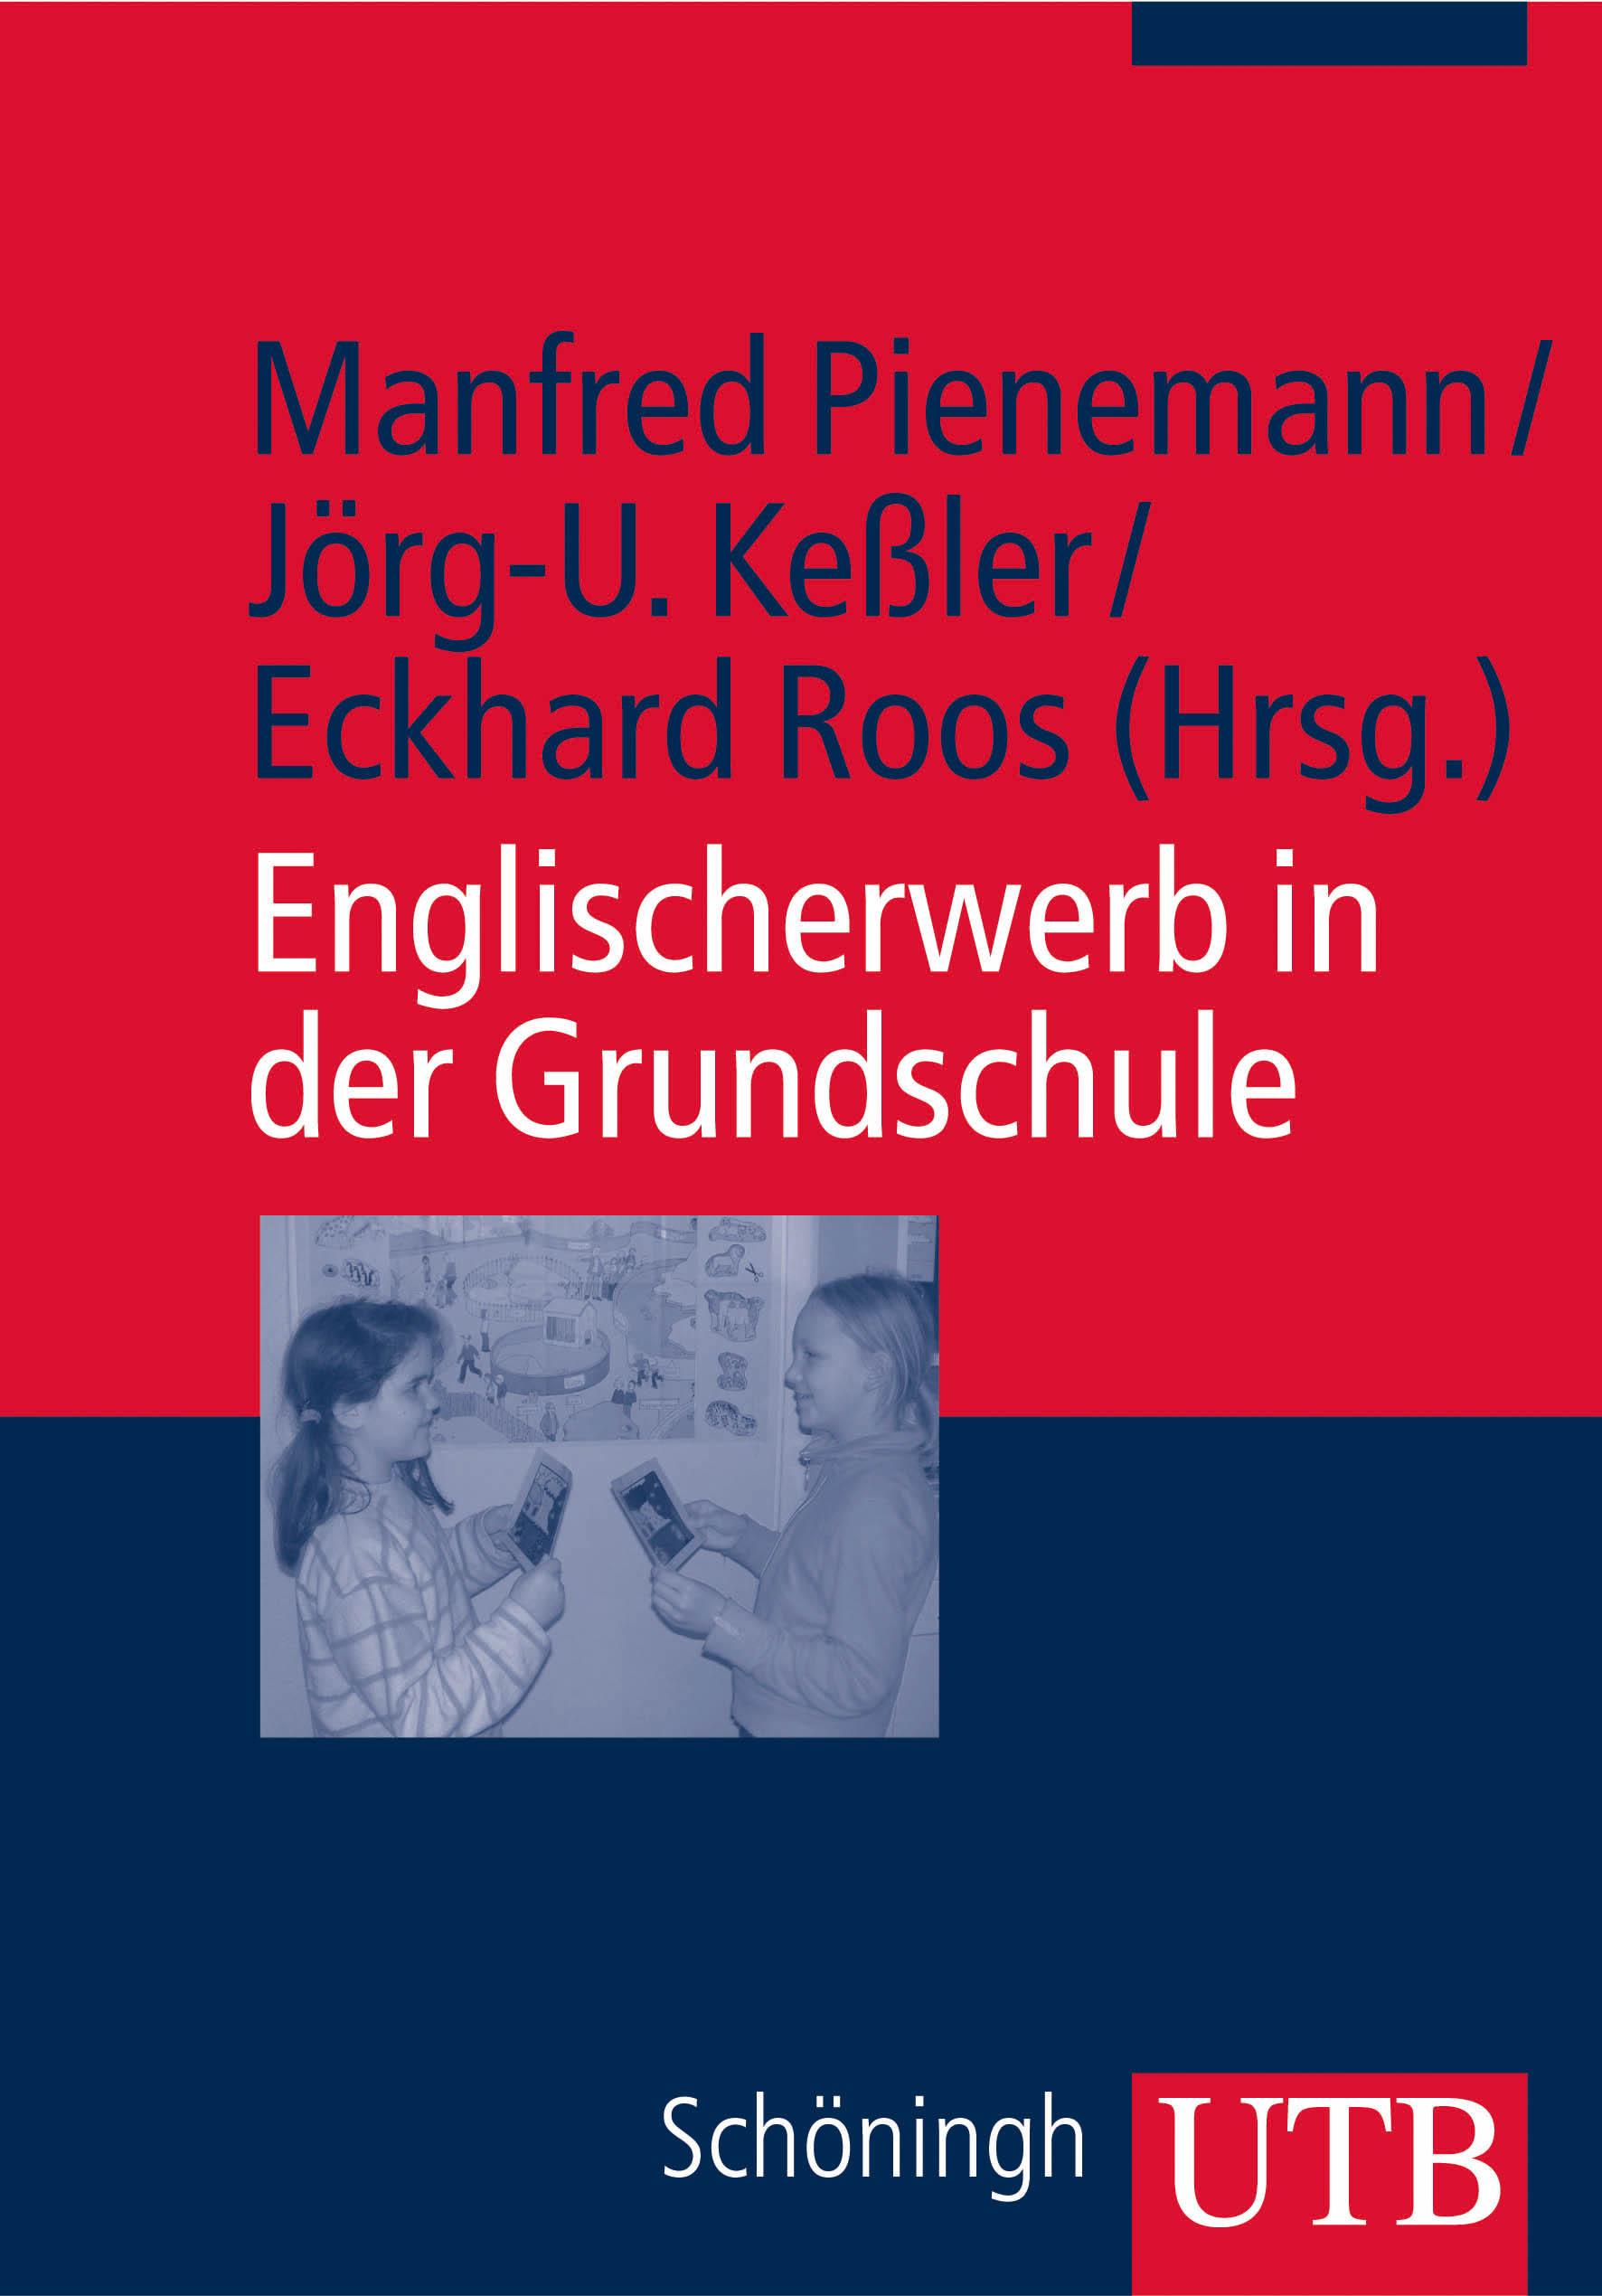 Englischerwerb in der Grundschule: Ein Studien- und Arbeitsbuch (Uni-Taschenbücher M) - Manfred Pienemann